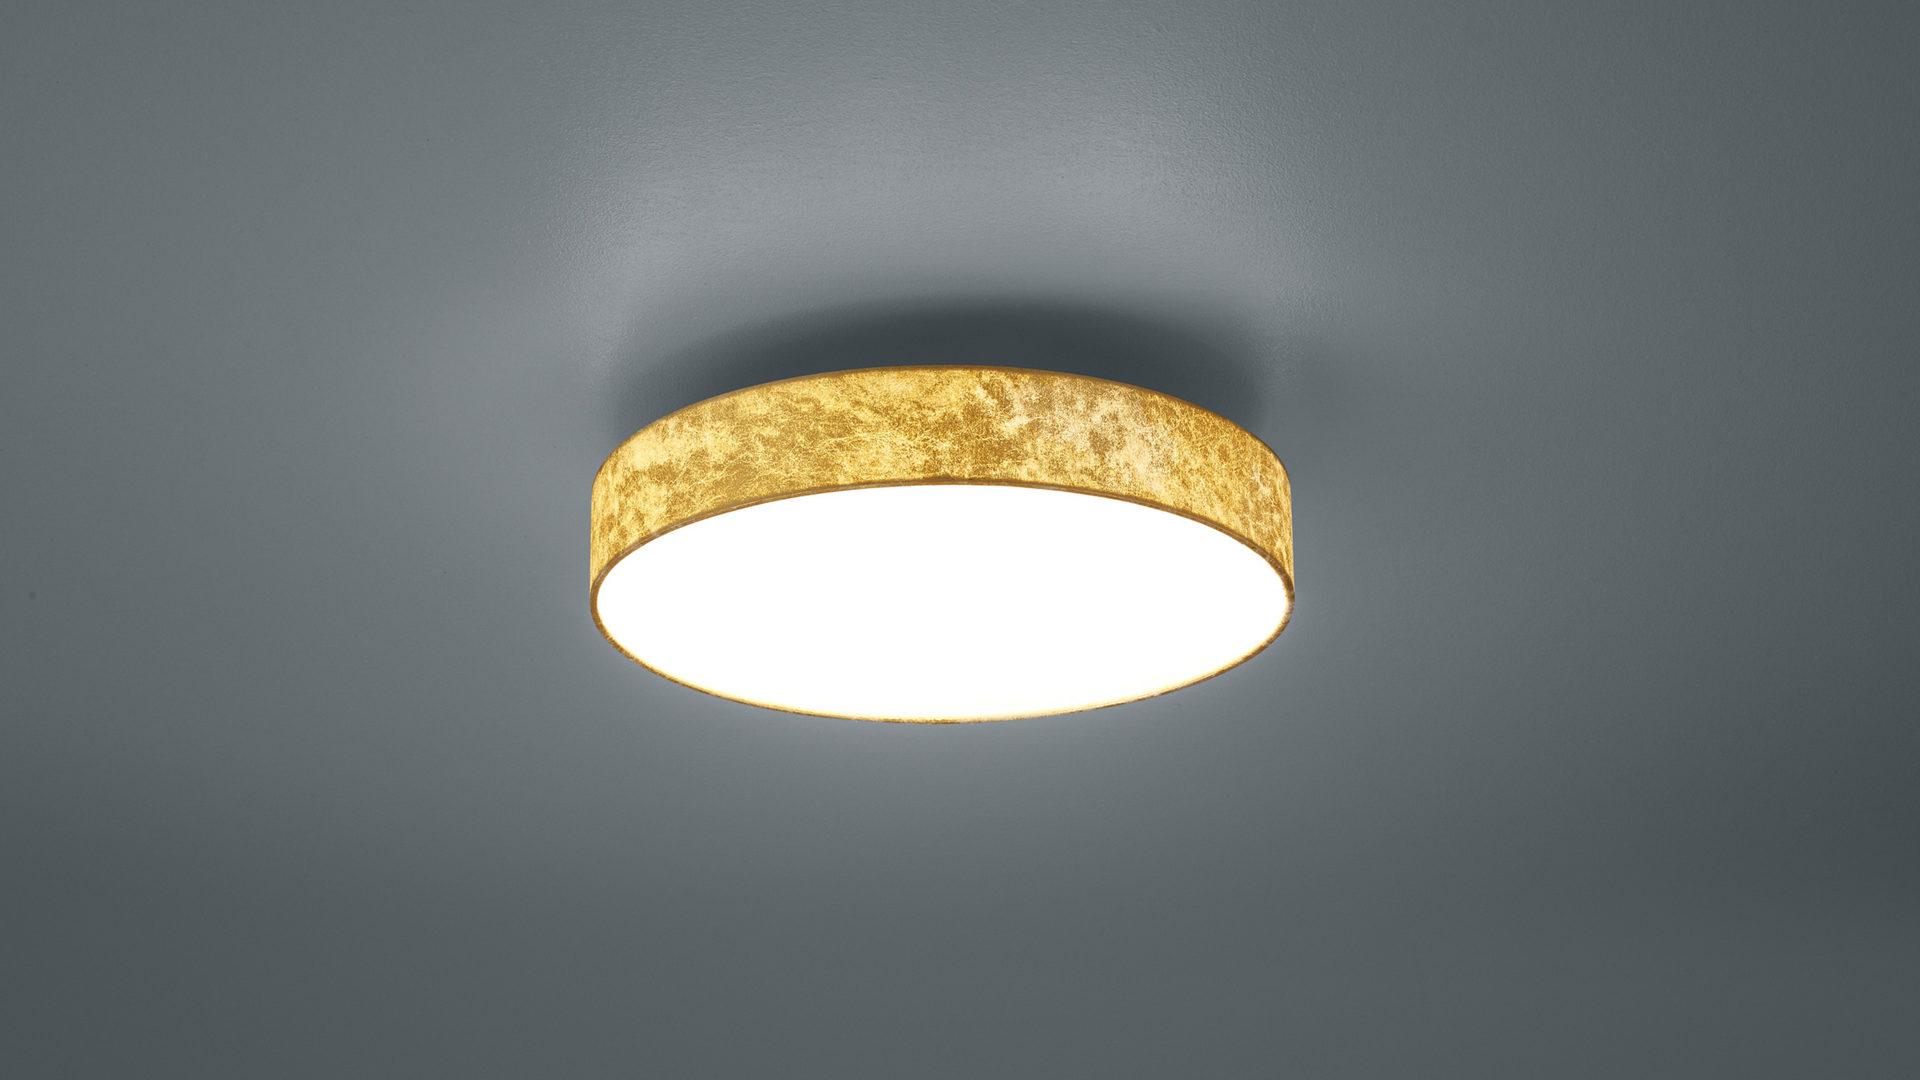 Lampenschirme Klein Kronleuchter ~ Möbel bernskötter mülheim lampen pendelleuchte kronleuchter